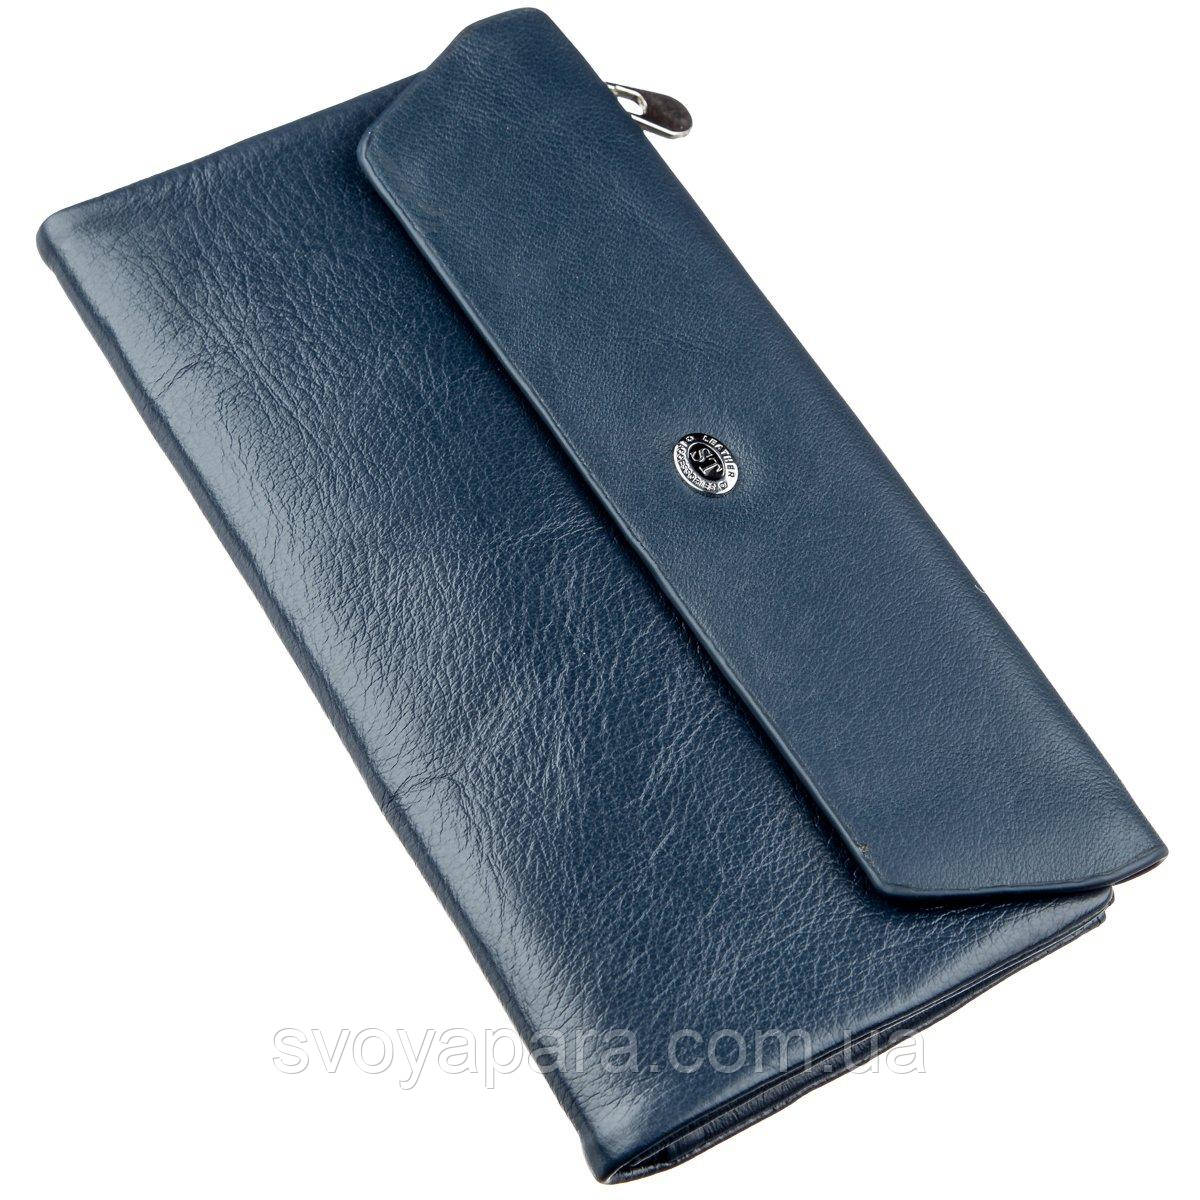 Чудовий гаманець-клатч для жінок ST Leather 18843 Синій